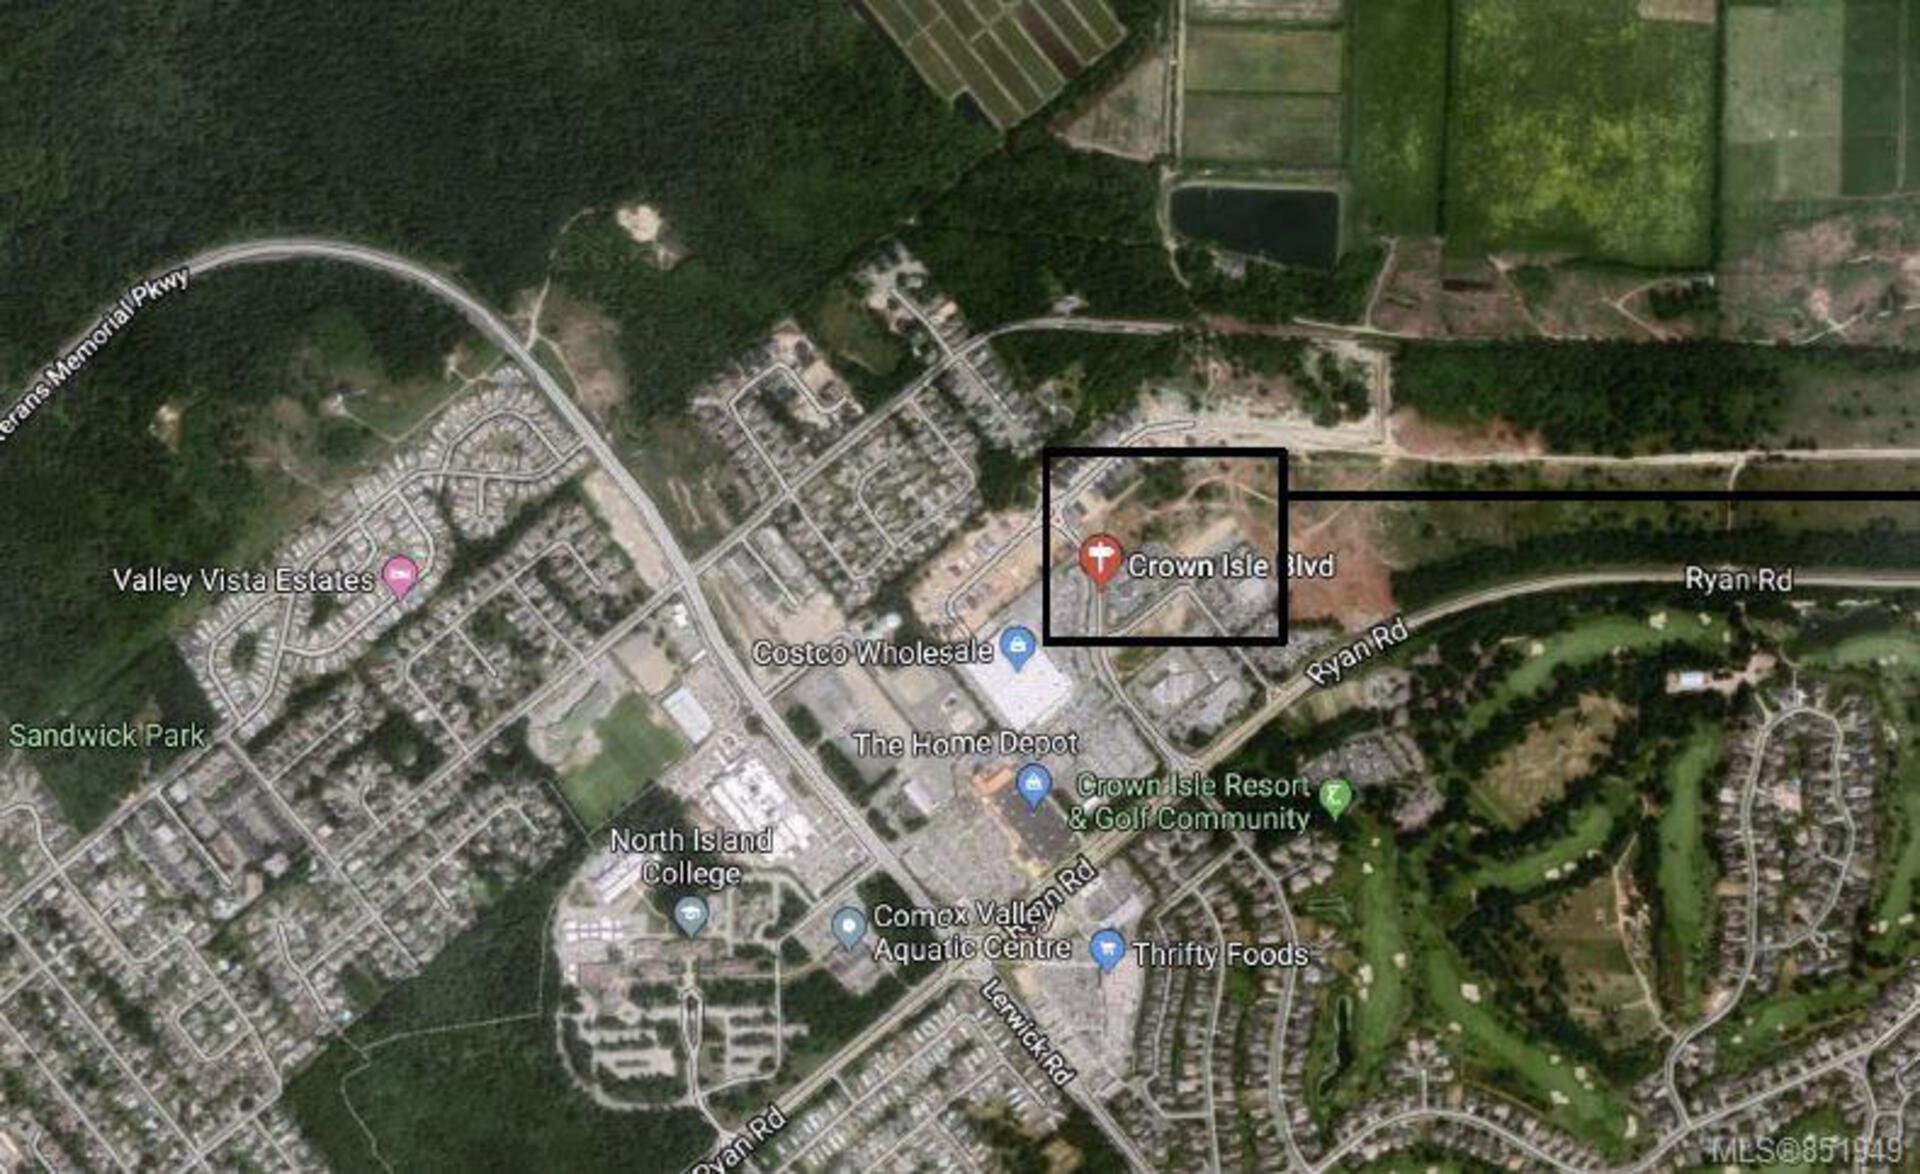 623-crown-isle-boulevard-crown-isle-comox-valley-02 at SL 9 - 623 Crown Isle Boulevard, Crown Isle, Comox Valley